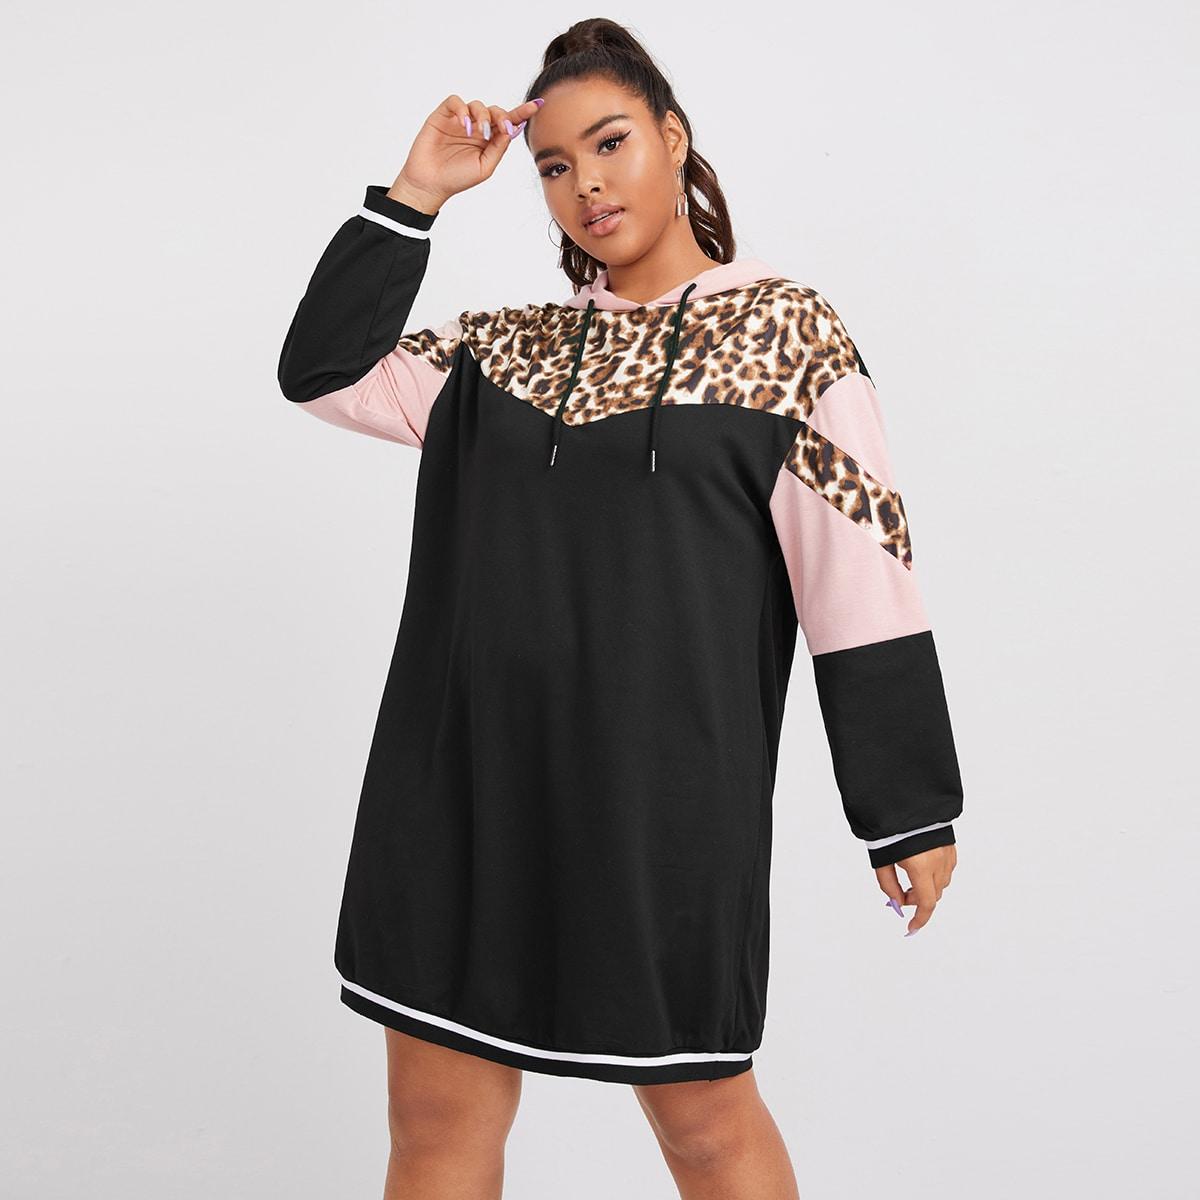 Платье размера плюс с капюшоном и леопардовым принтом на кулиске